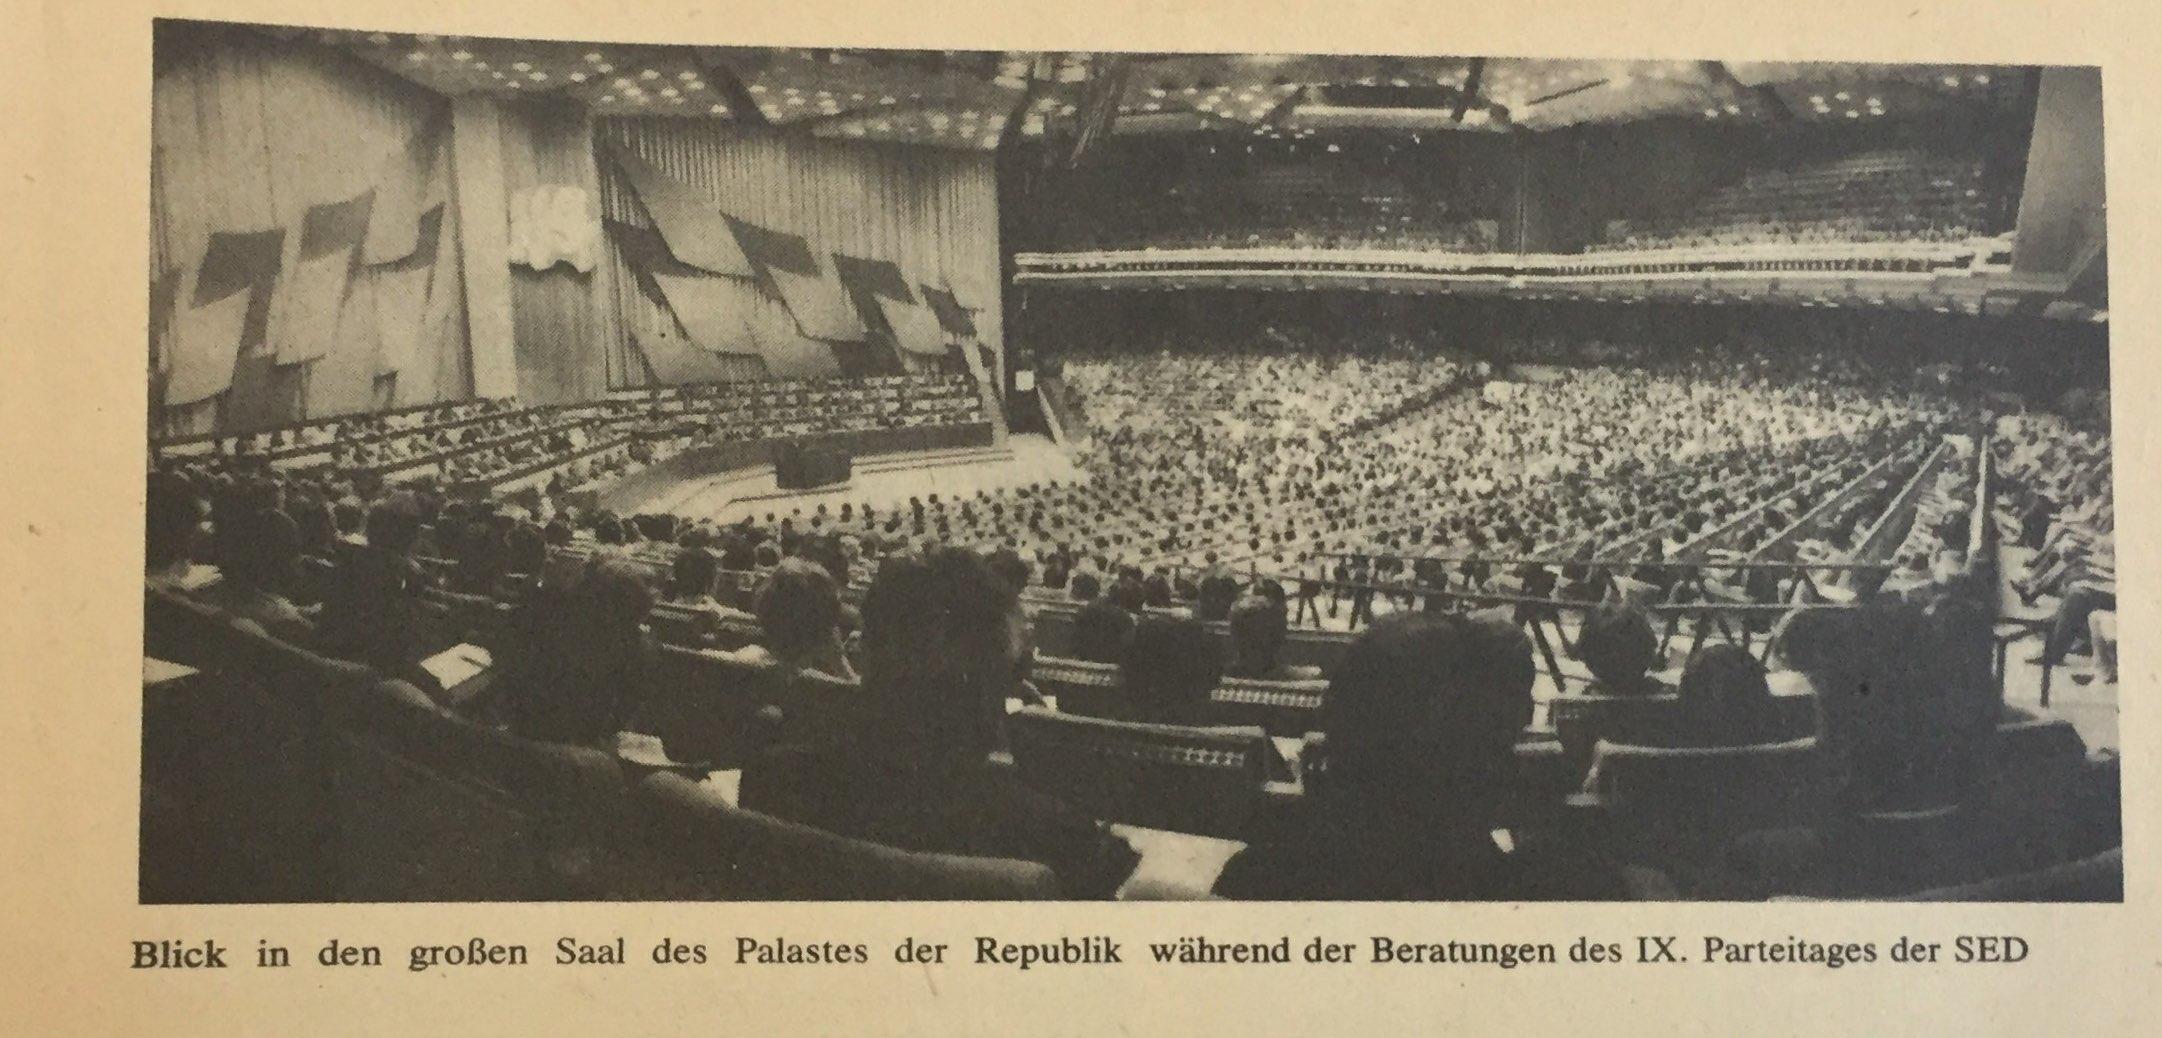 Der IX. Parteitag der SED und die weitere Gestaltung der entwickelten sozialistischen Gesellschaft der DDR